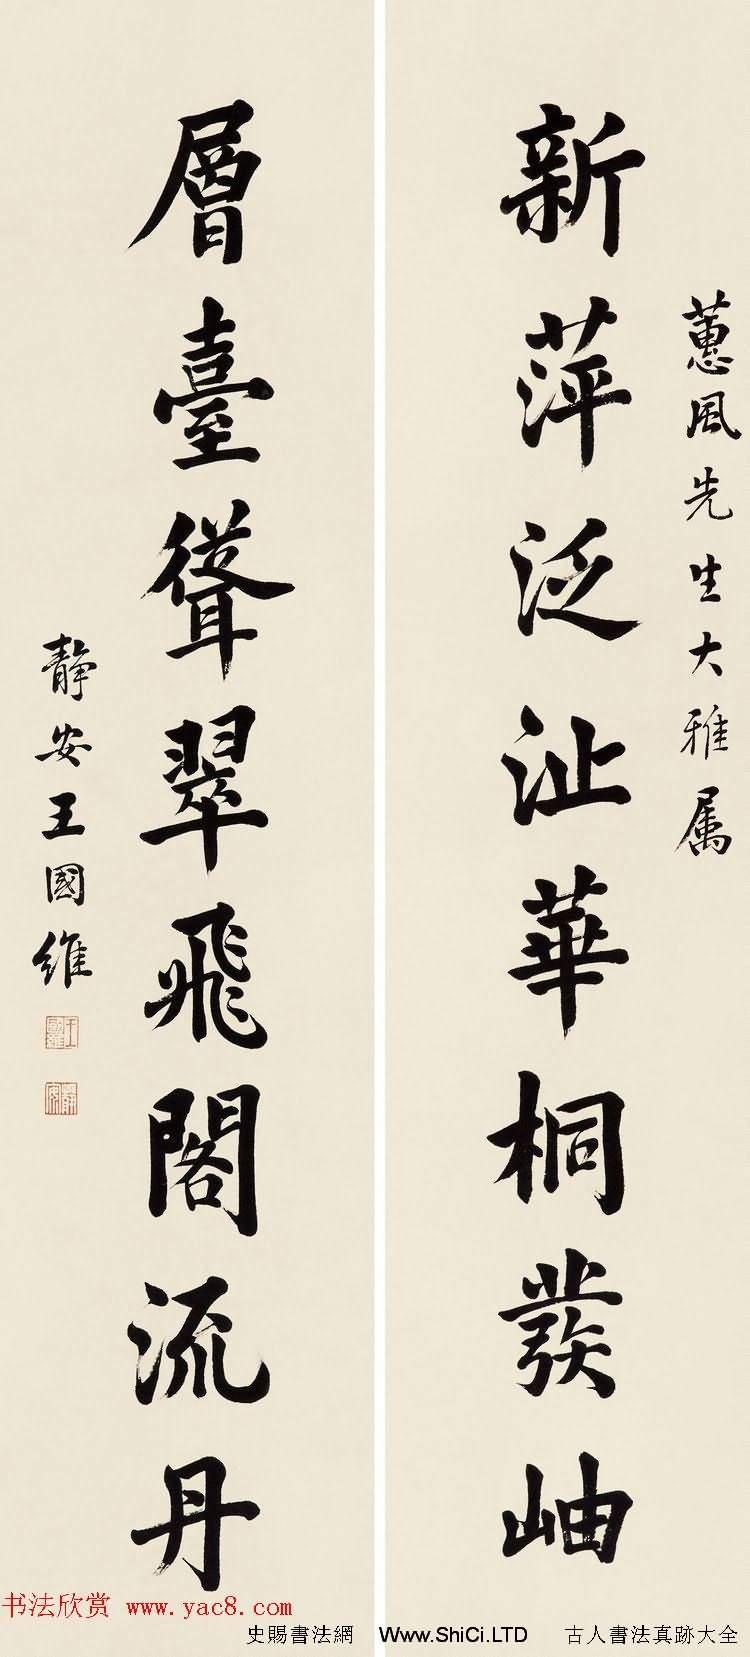 近代王國維書法墨跡欣賞